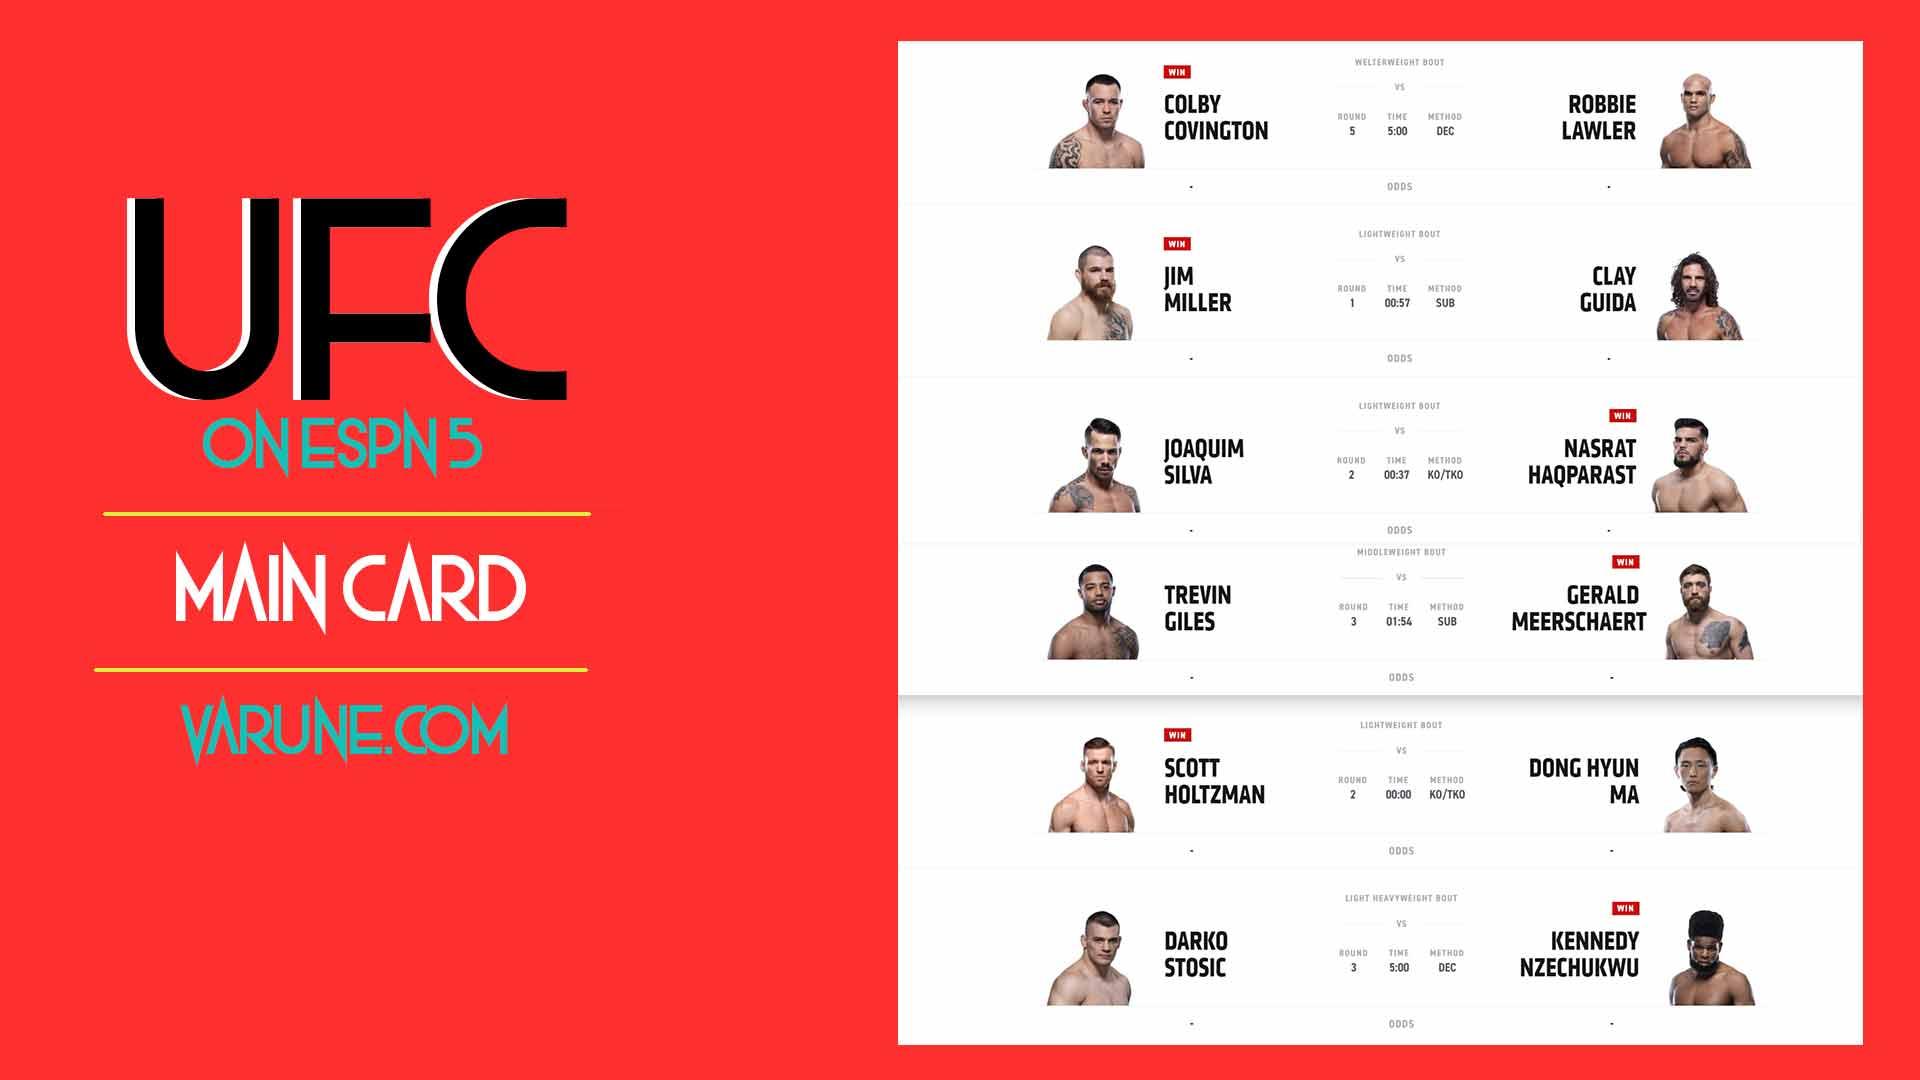 نگاهی به مبارزات UFC ON ESPN 5 ؛ کلبی کاوینگتون آماده برای قهرمانی !